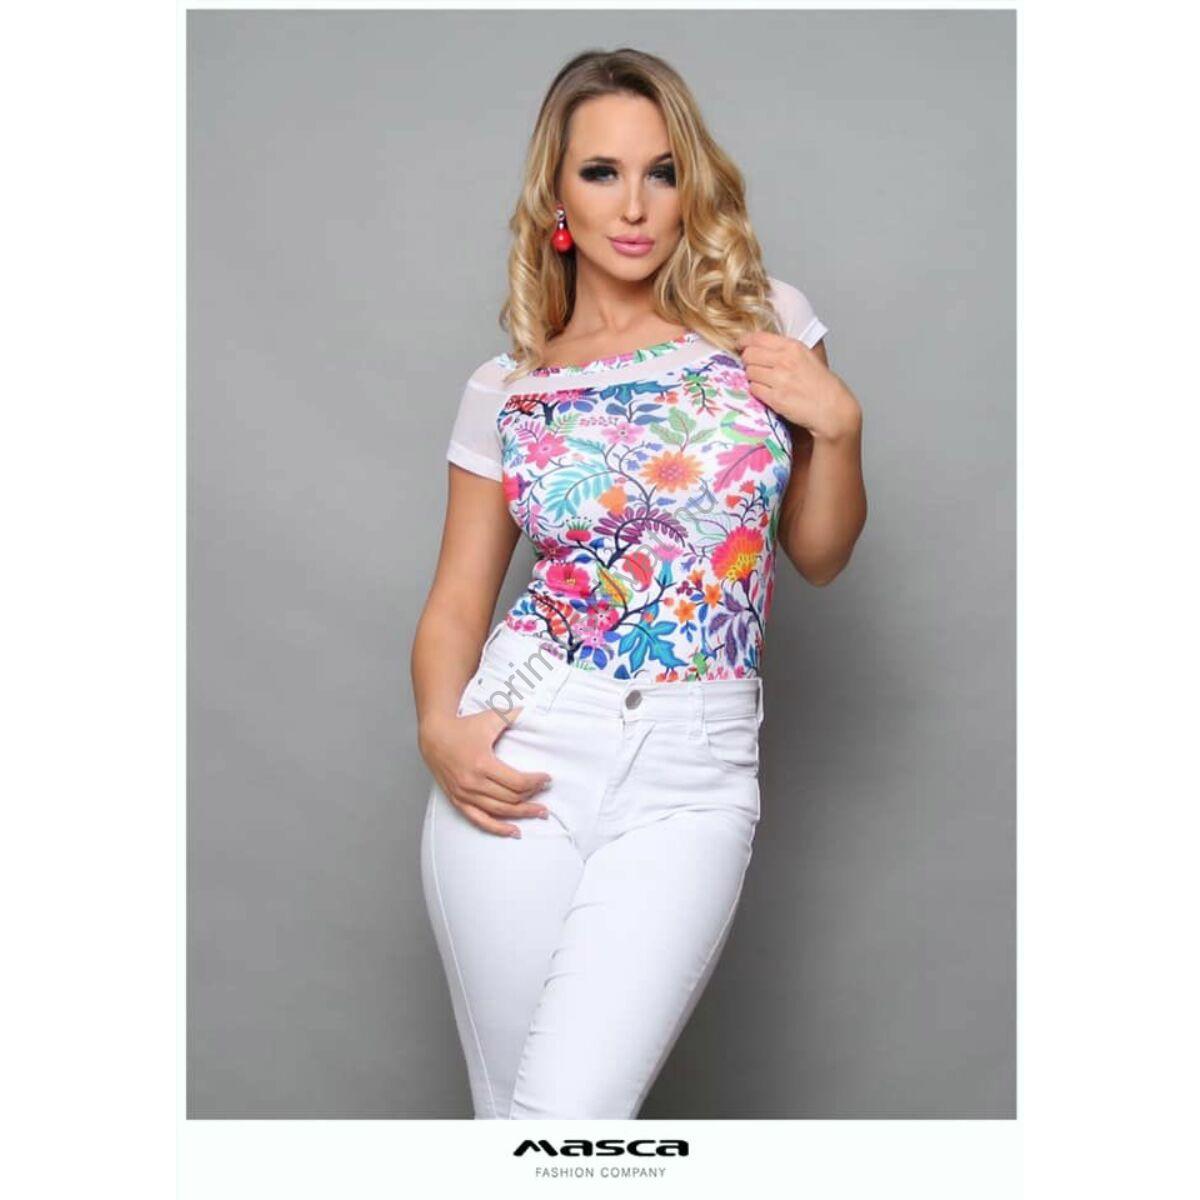 Masca Fashion vállra húzós csónaknyakú, rövid muszlin ujjú, fehér alapon színes virágmintás felső